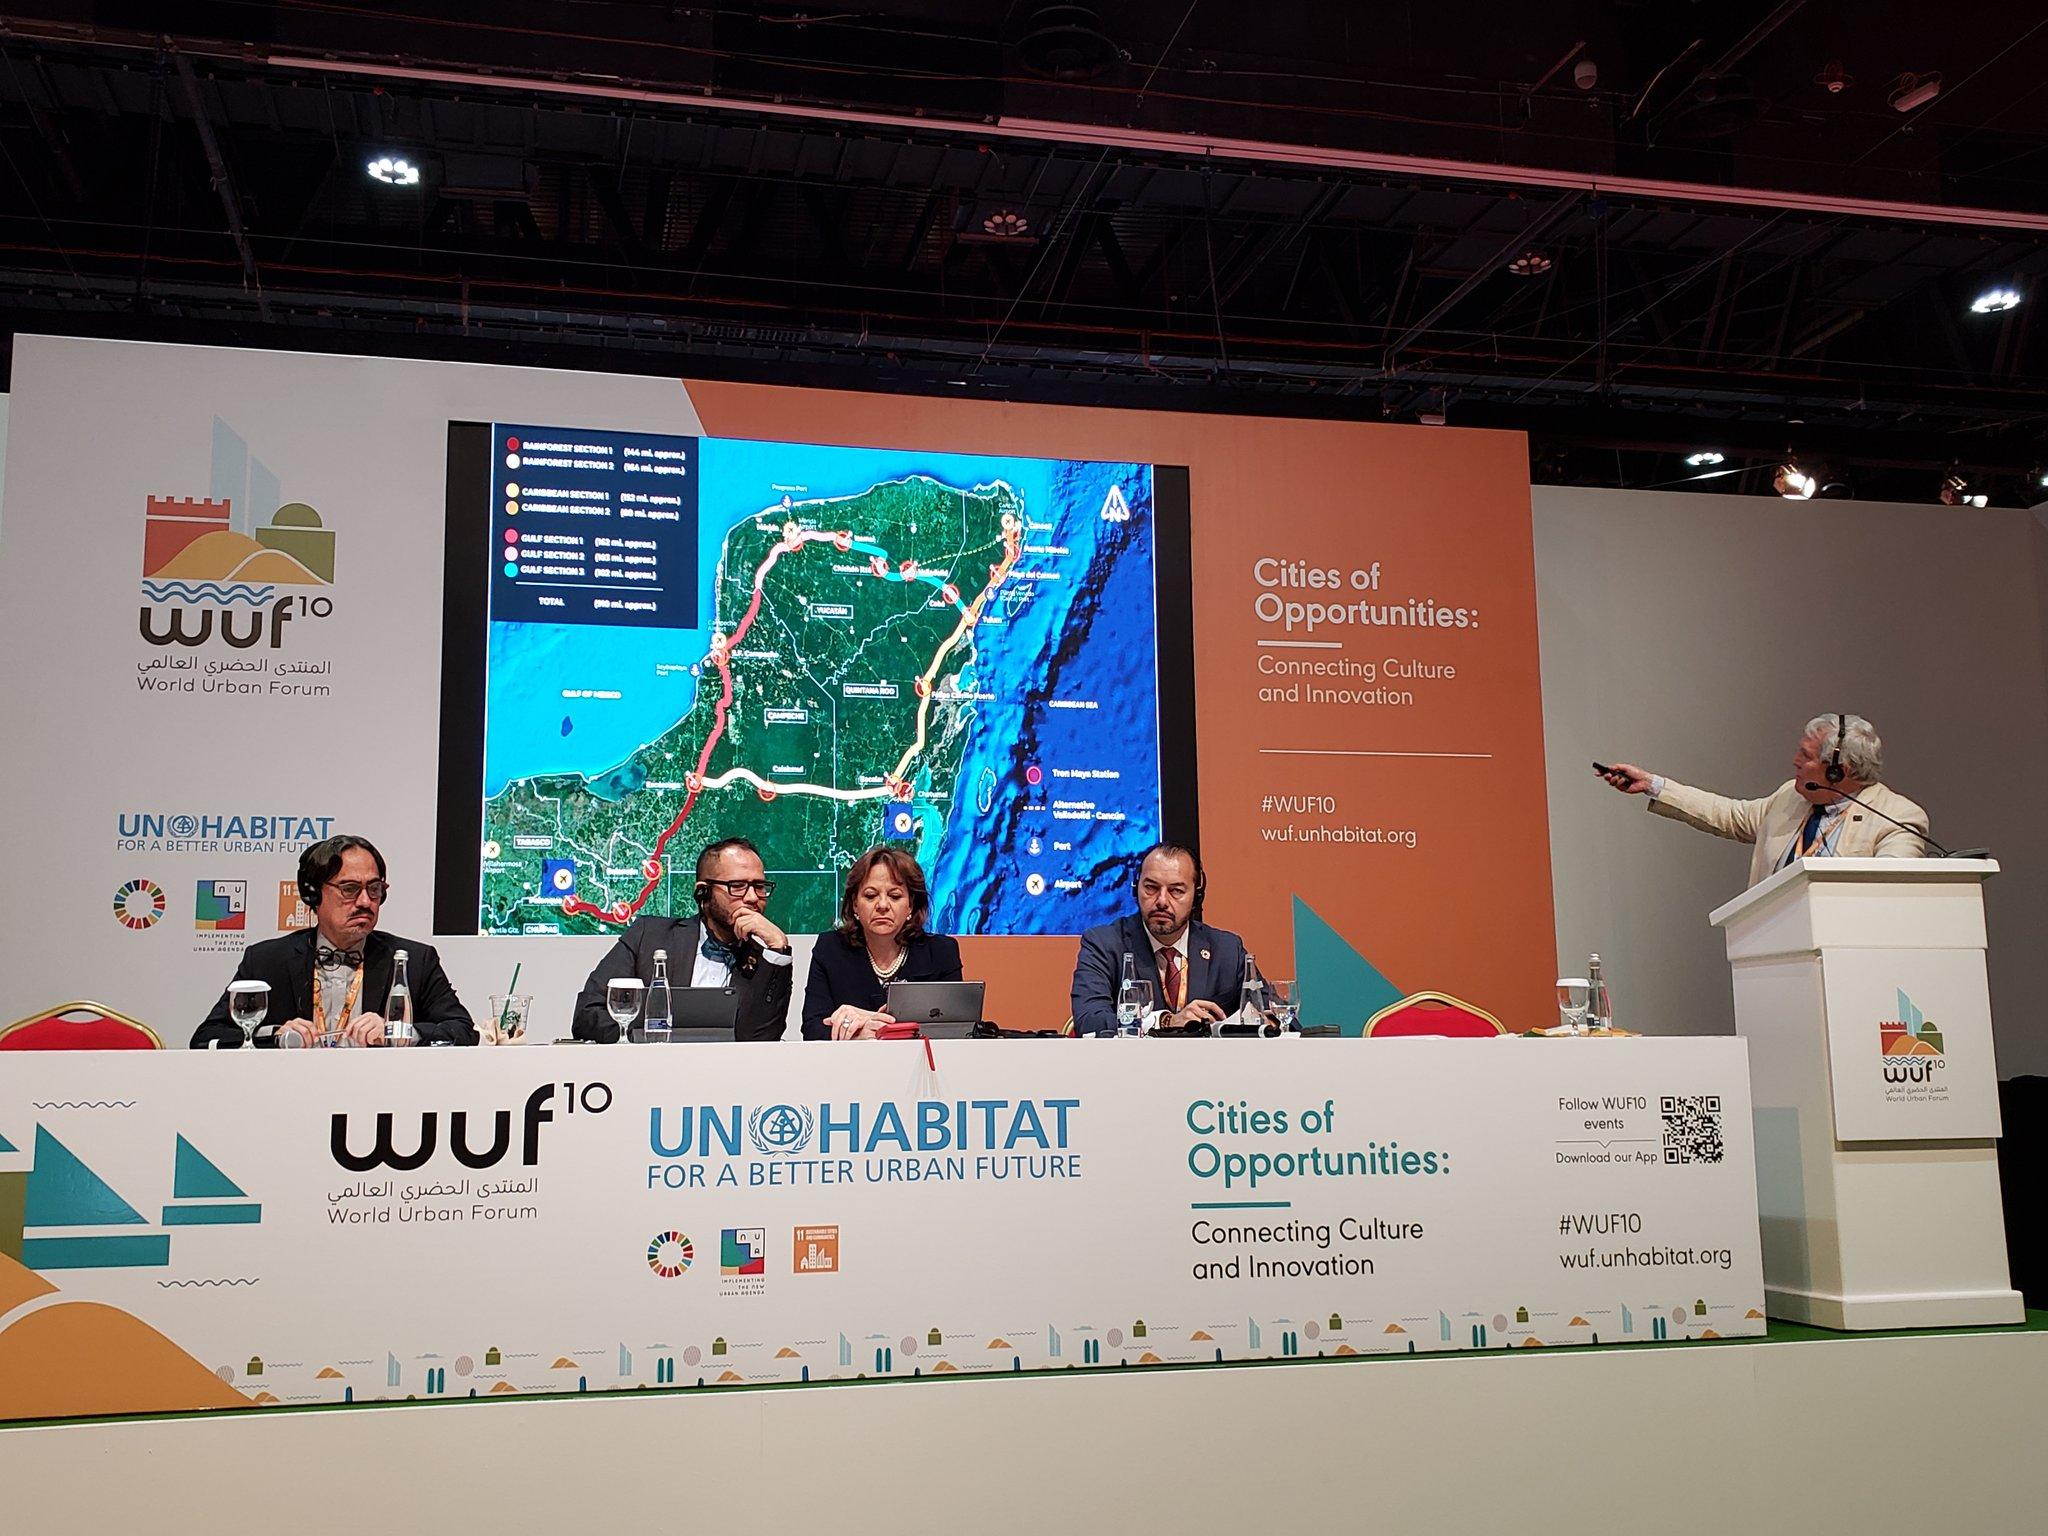 expone-mexico-programas-de-vivienda-mejoramiento-urbano-e-infraestructura-en-el-wuf10